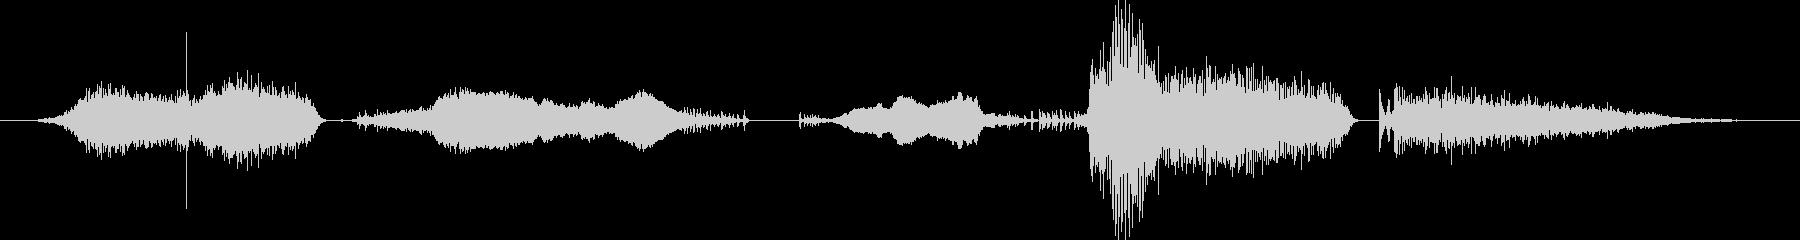 鳴き声 男性のストレッチ02の未再生の波形